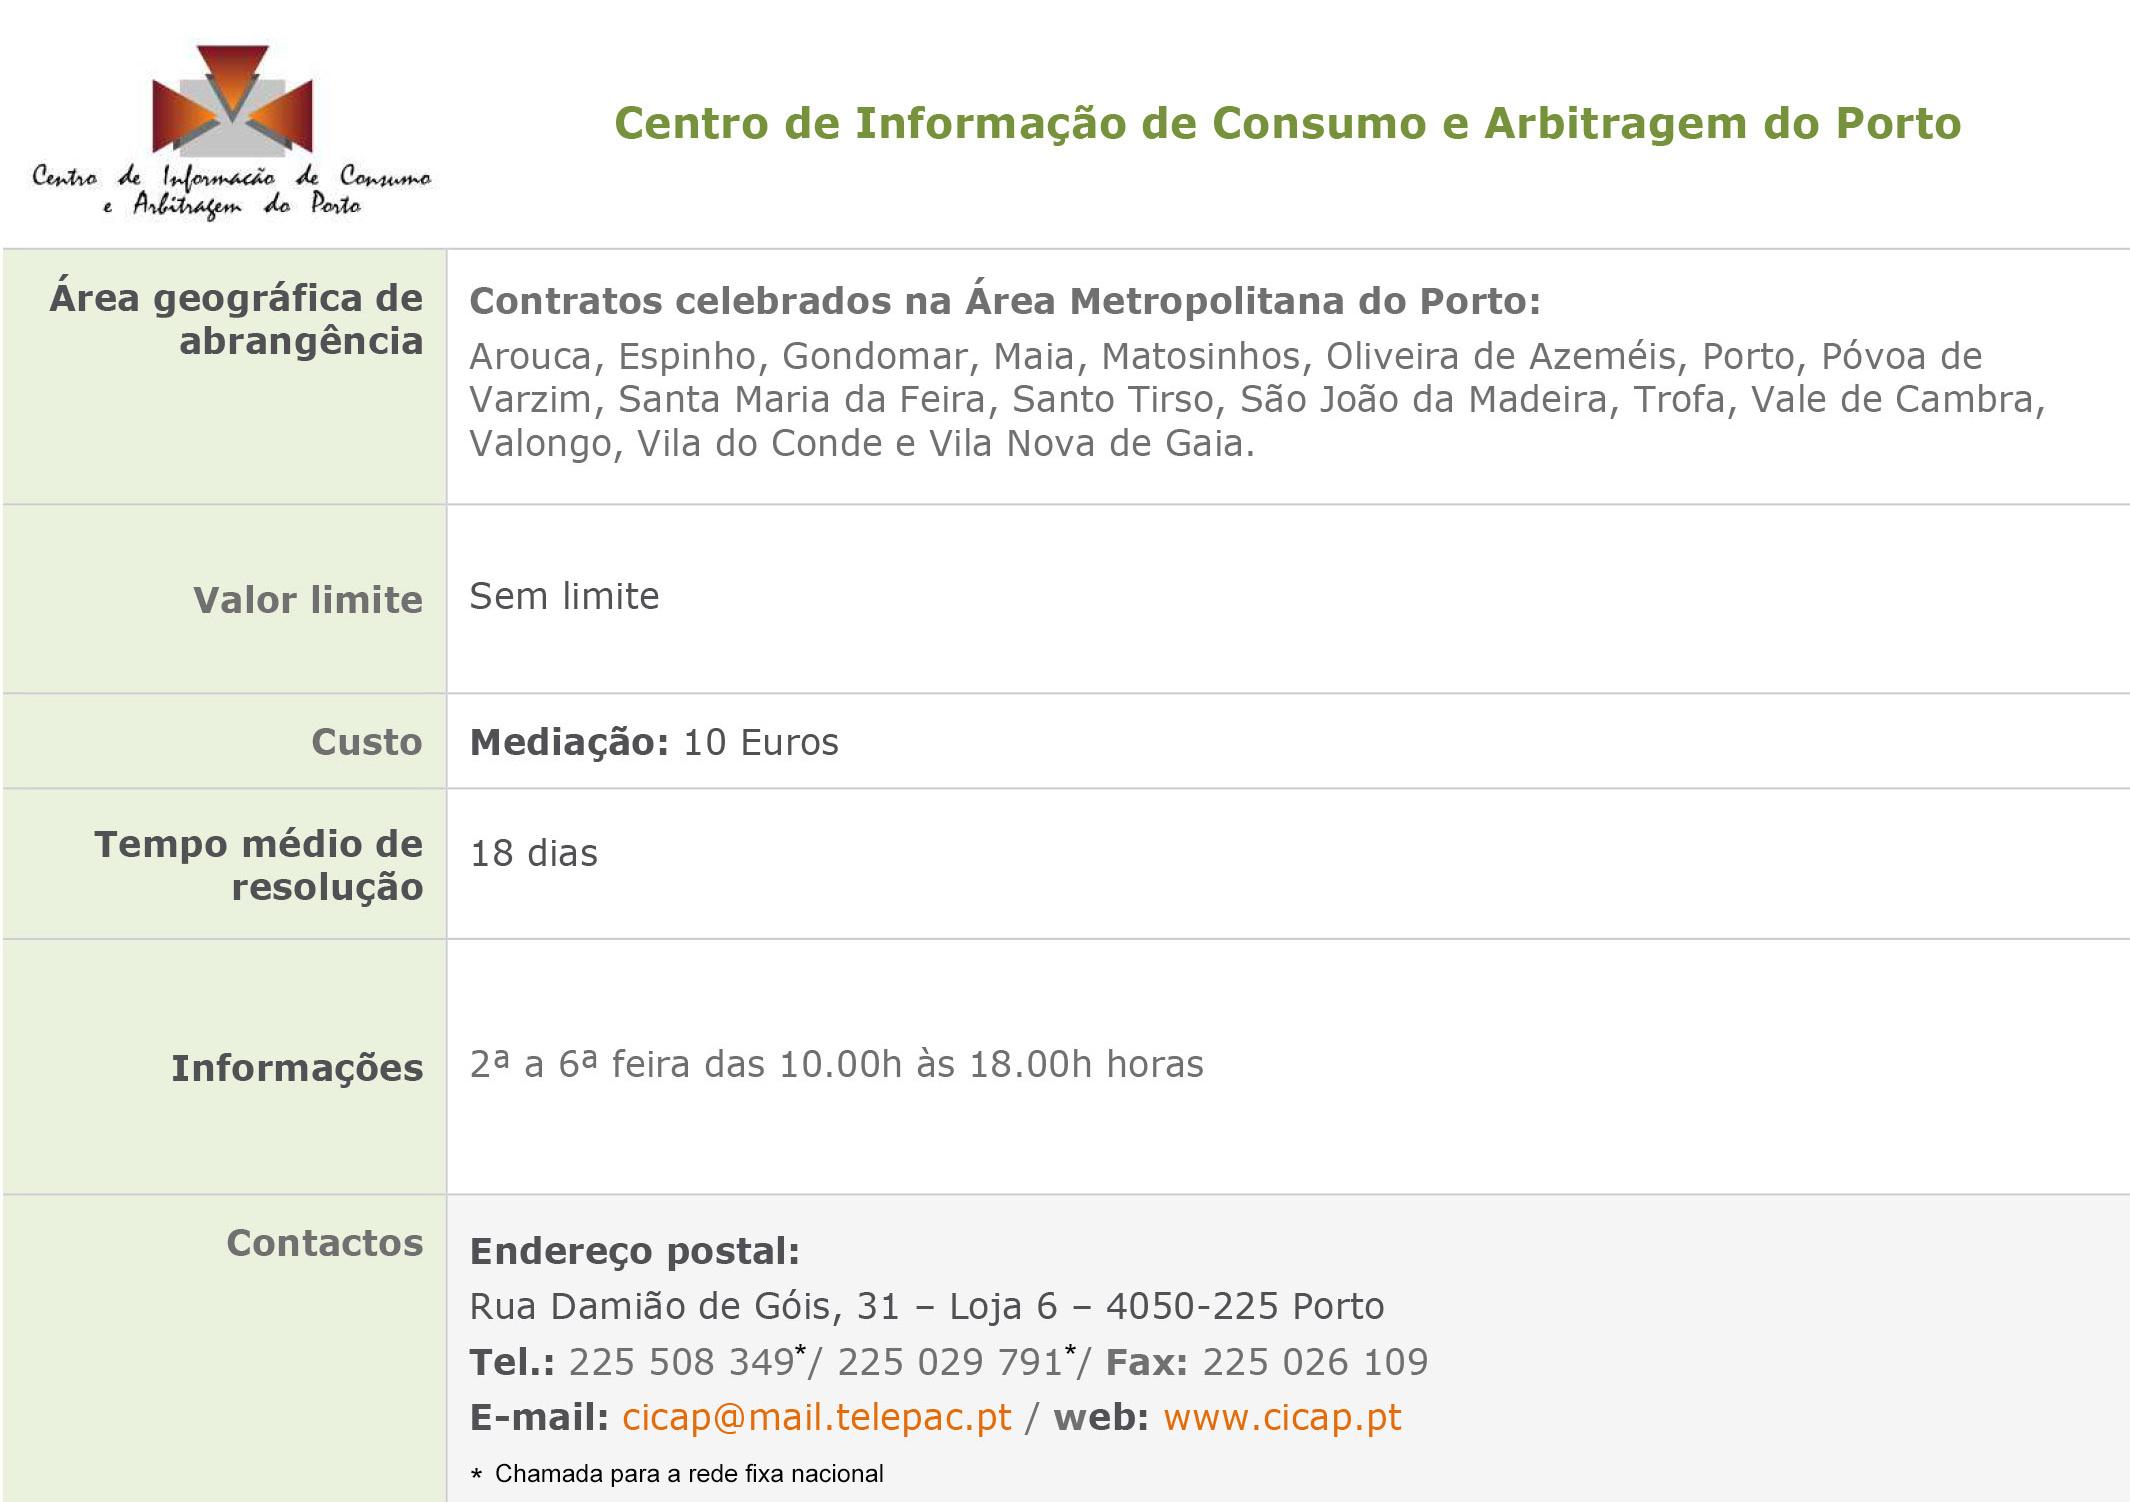 Centros de Arbitragem_contatos - 14-10-2015